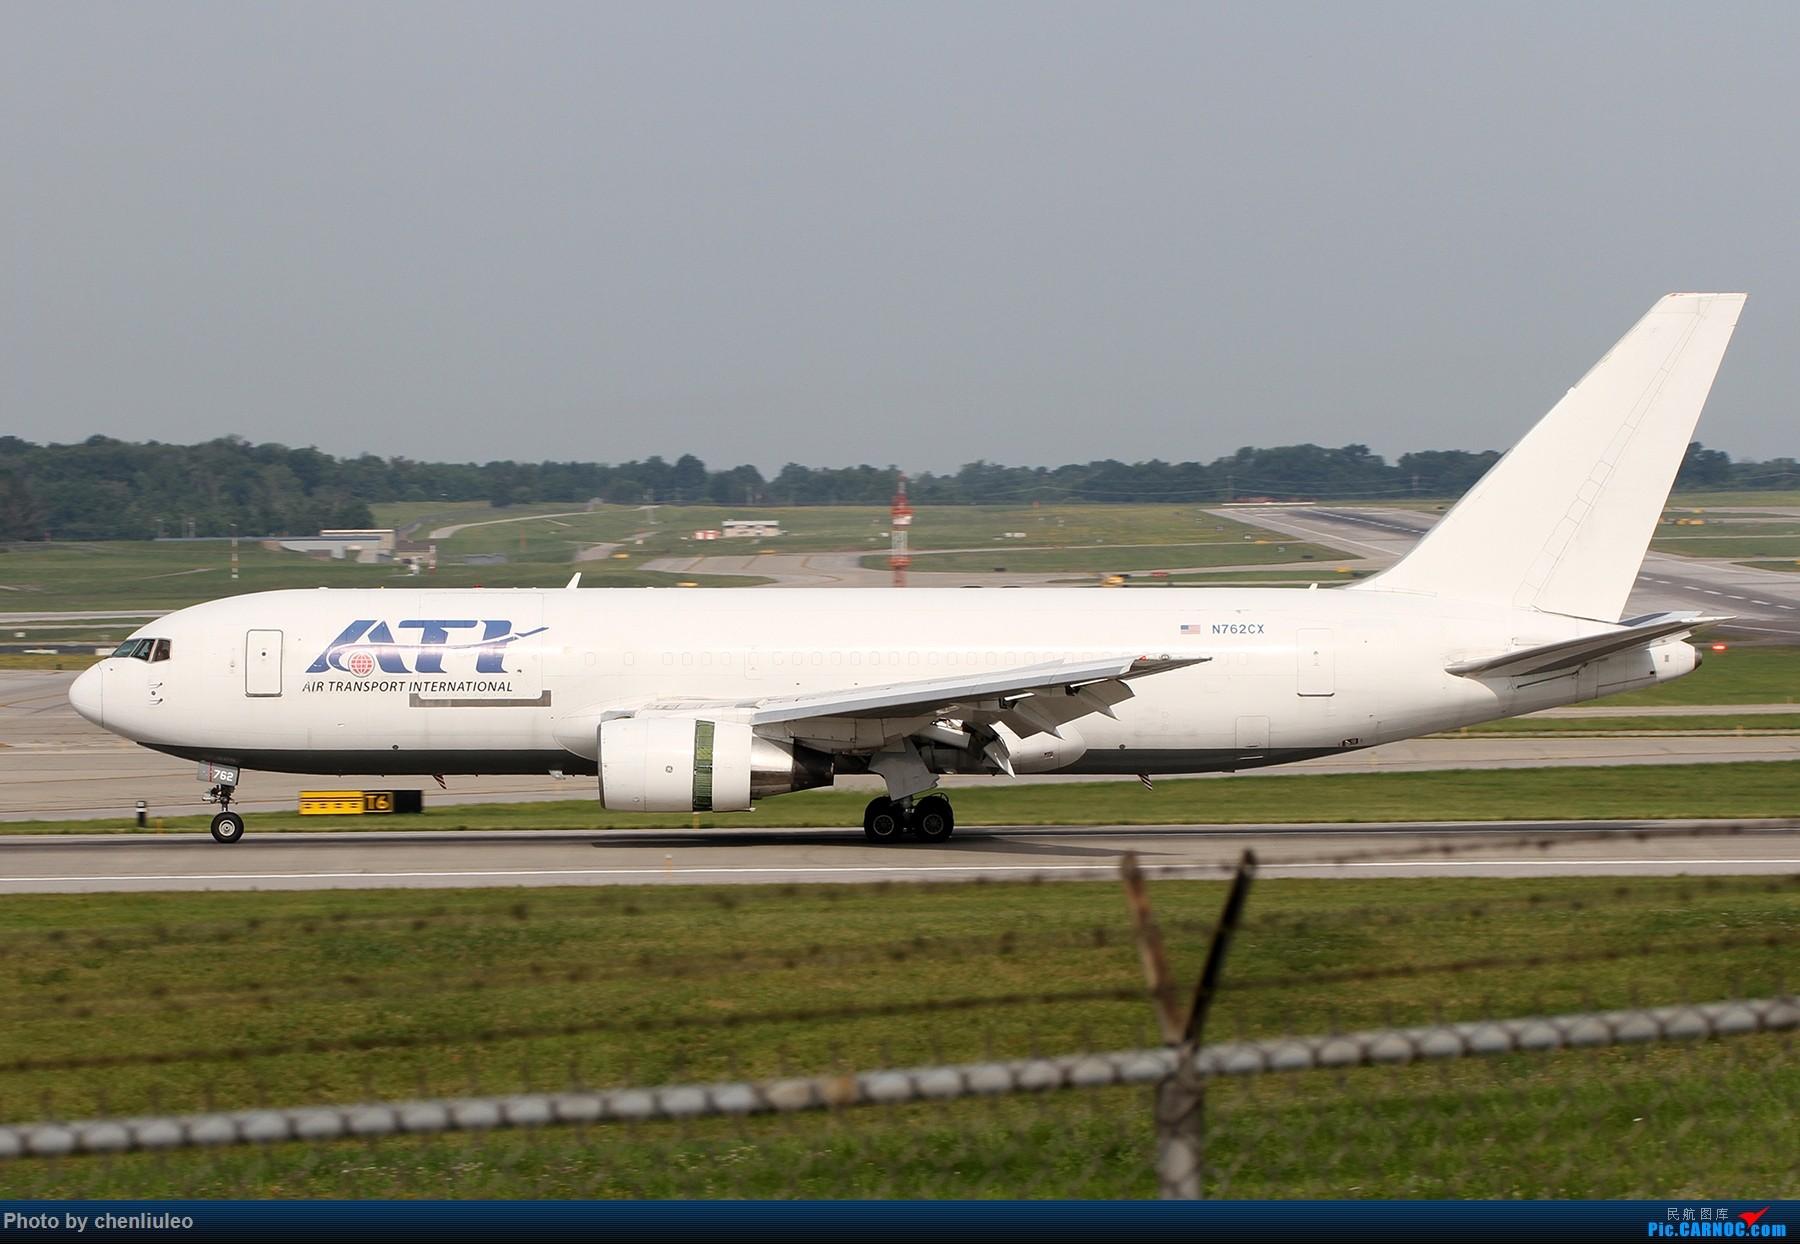 Re:[原创]【北美飞友会】辛辛那提北肯塔基国际机场 货机的天堂 BOEING 767-200 N762CX 美国辛辛那提-北肯塔基国际机场